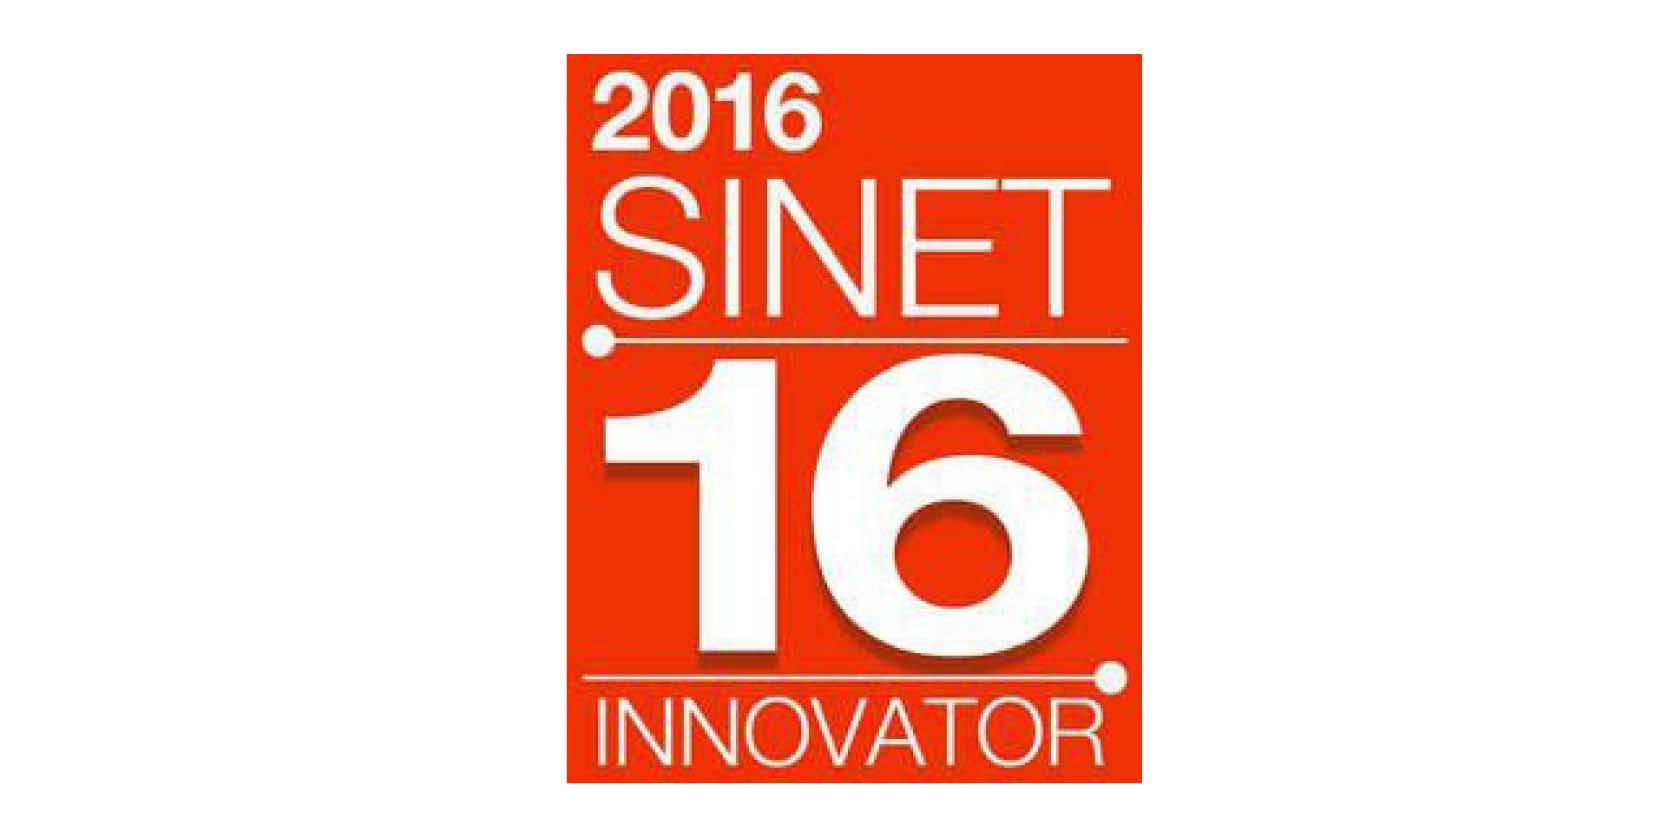 SINET: SINET 16 INNOVATOR AWARD